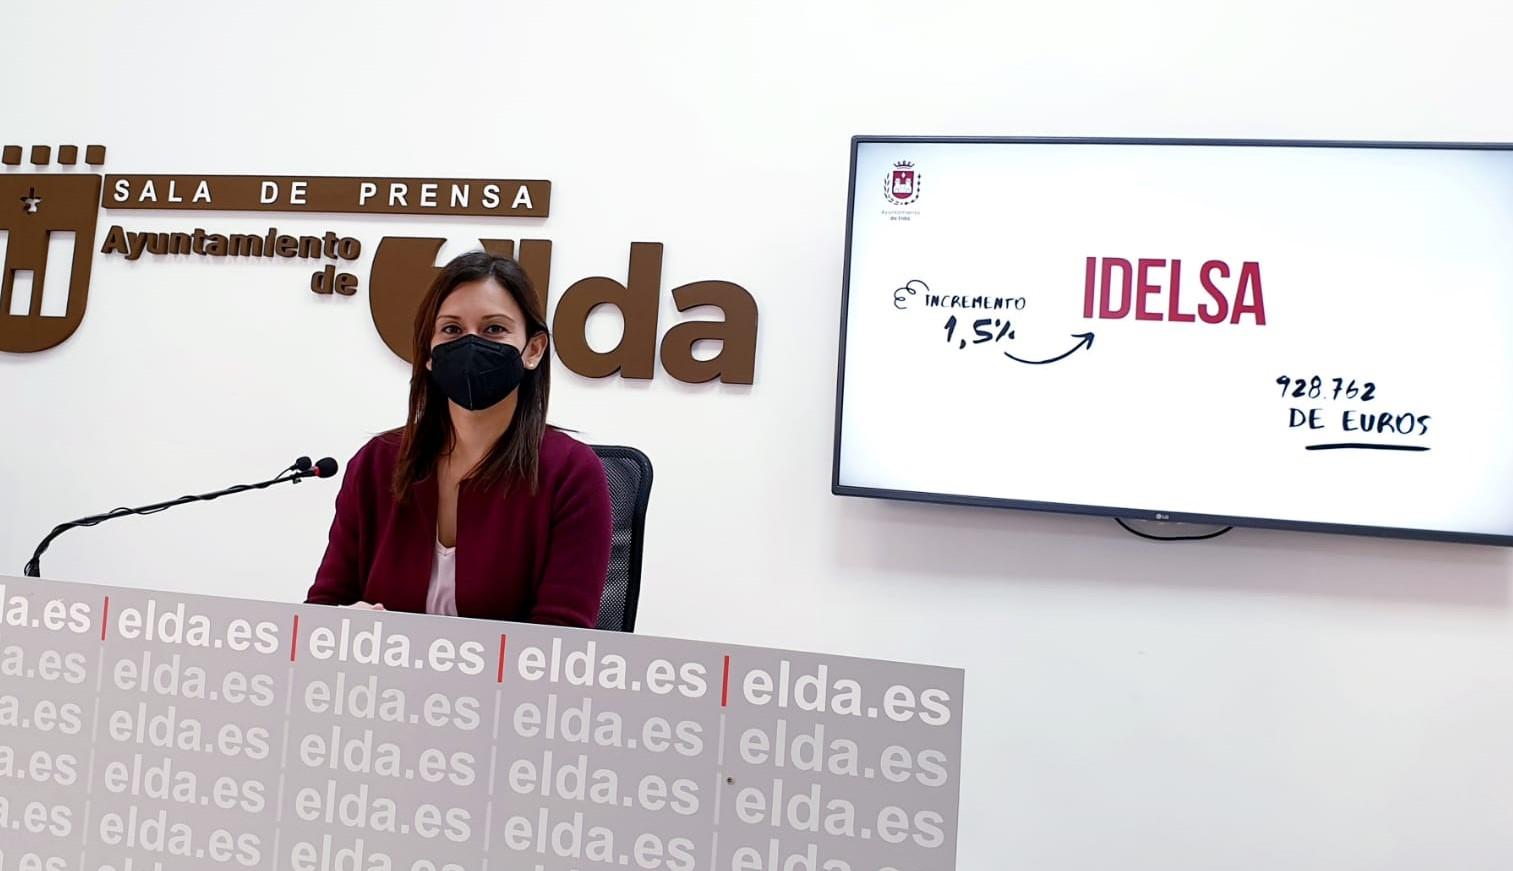 Idelsa contará con un presupuesto cercano al millón de euros para impulsar políticas de fomento económico y generación de empleo